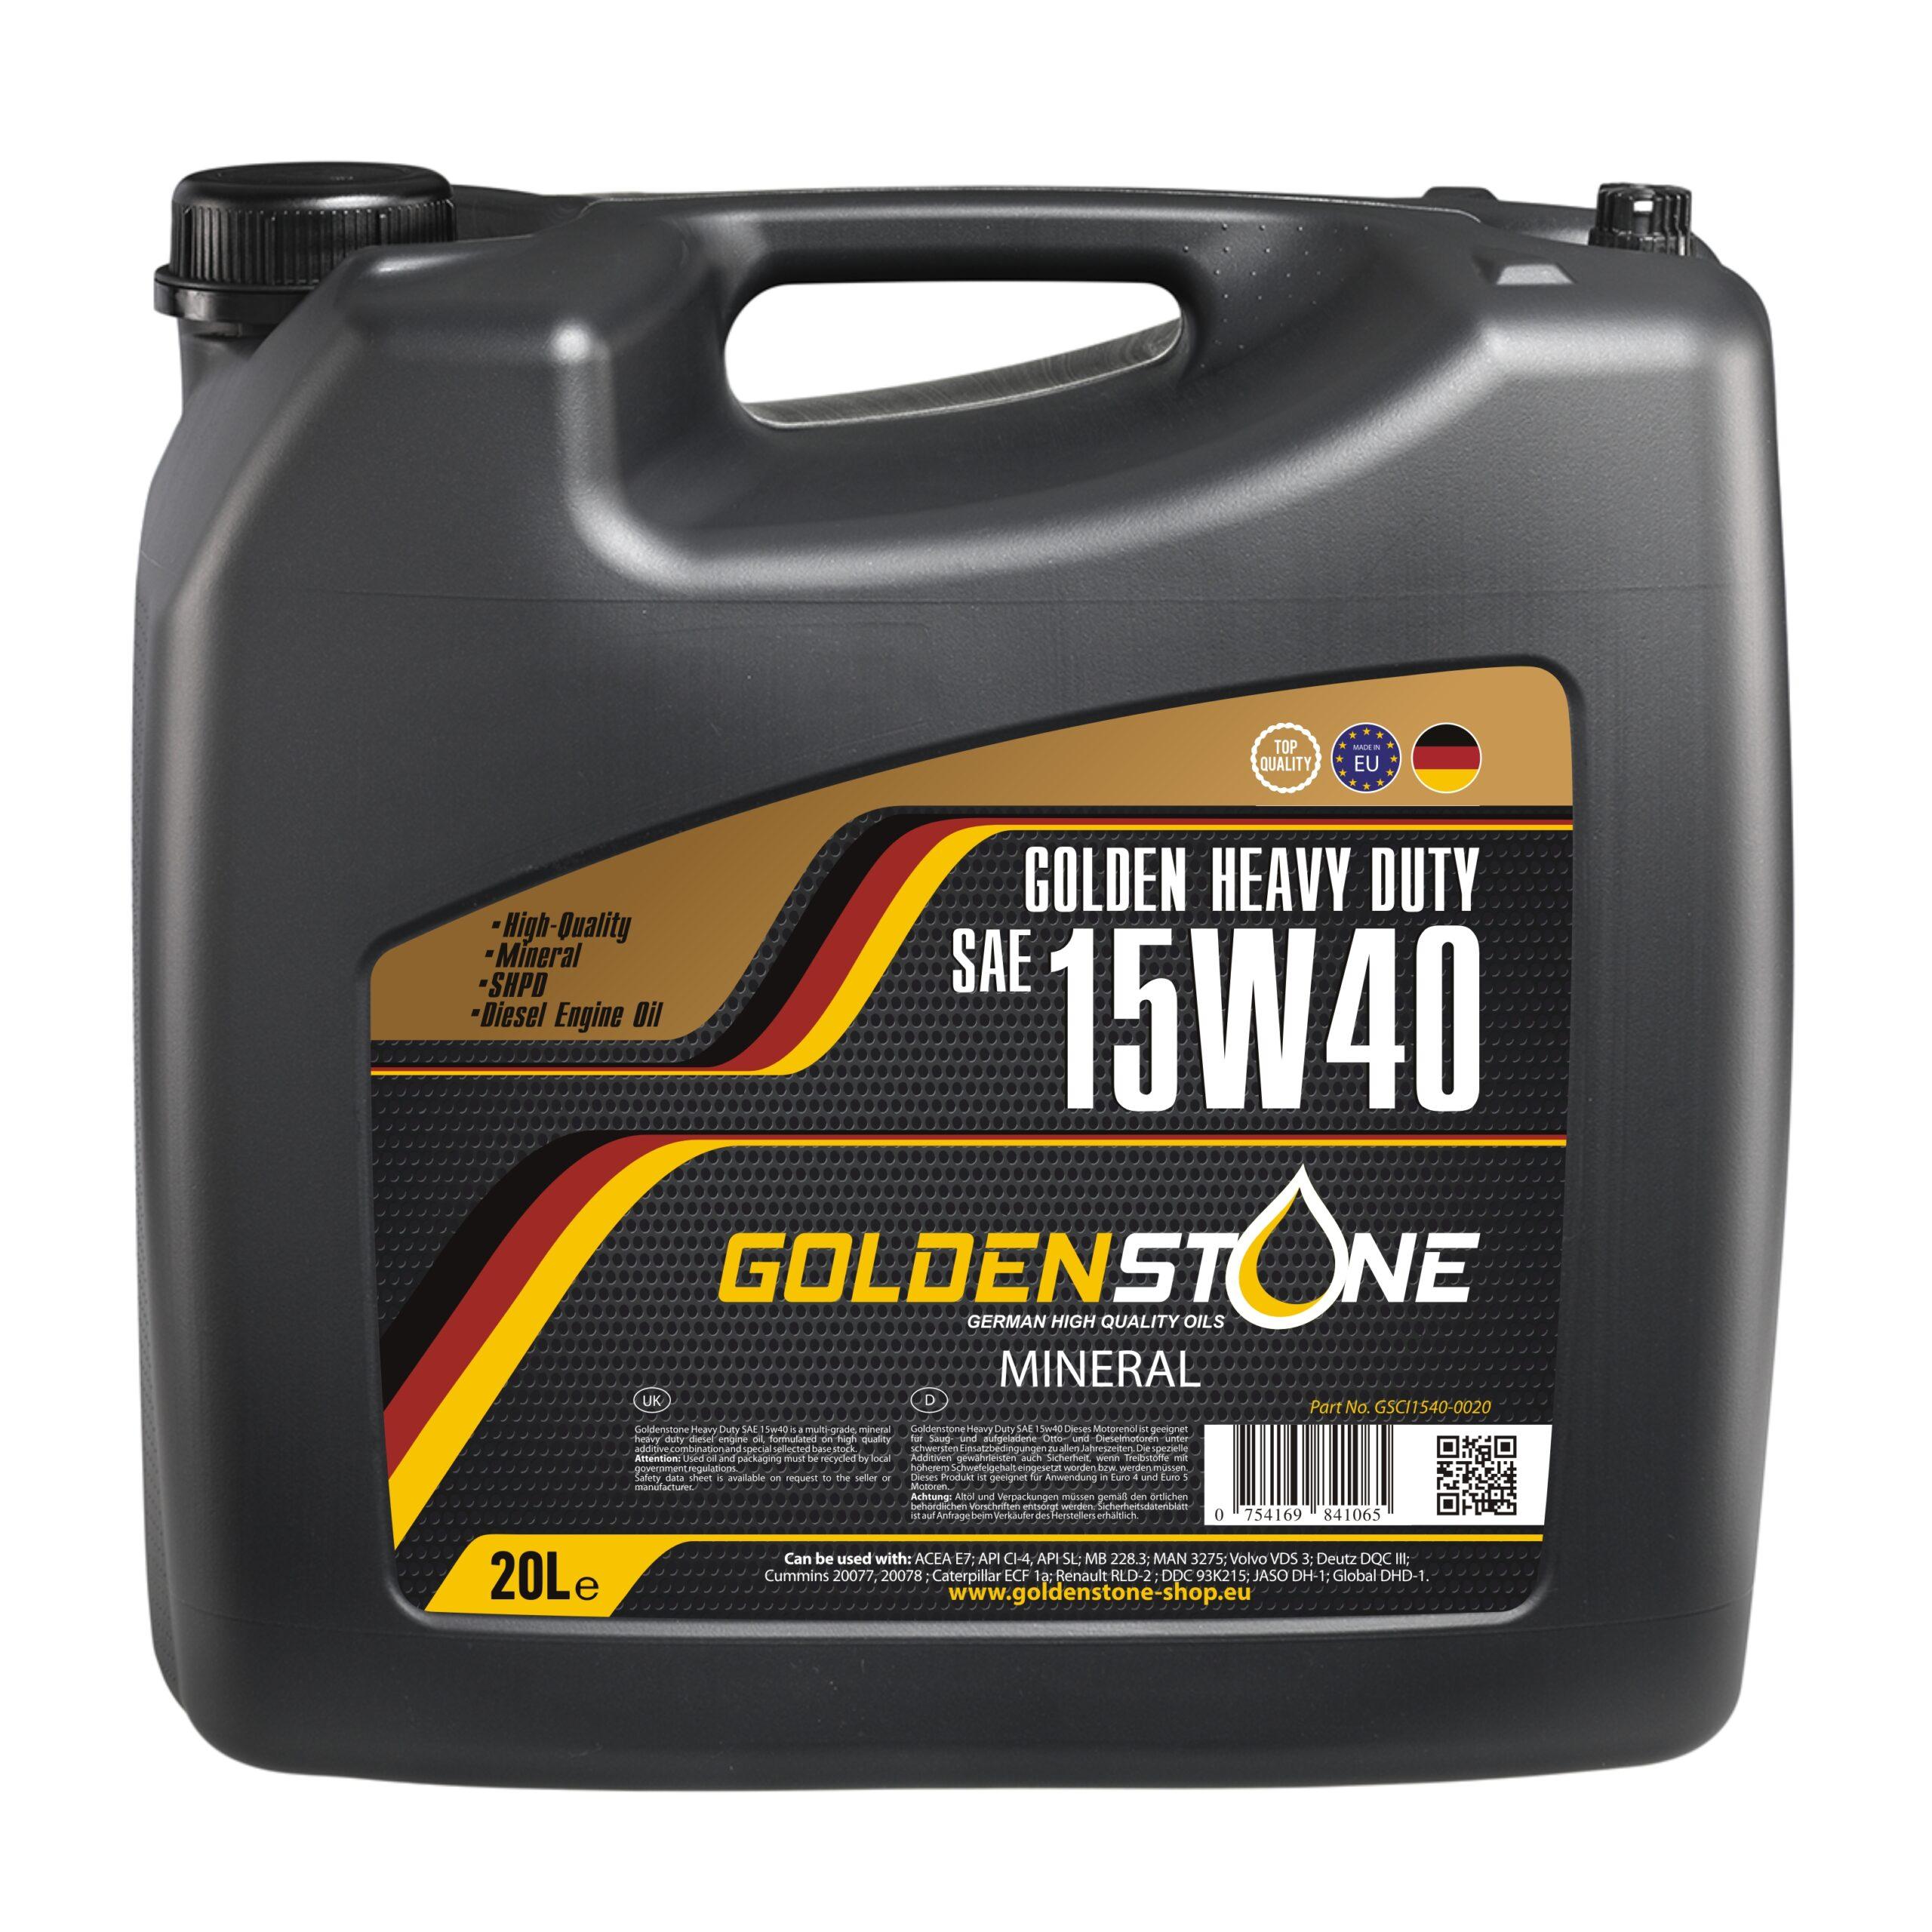 Goldenstone Motorolie 15W40 CI4 Heavy Duty 20L.